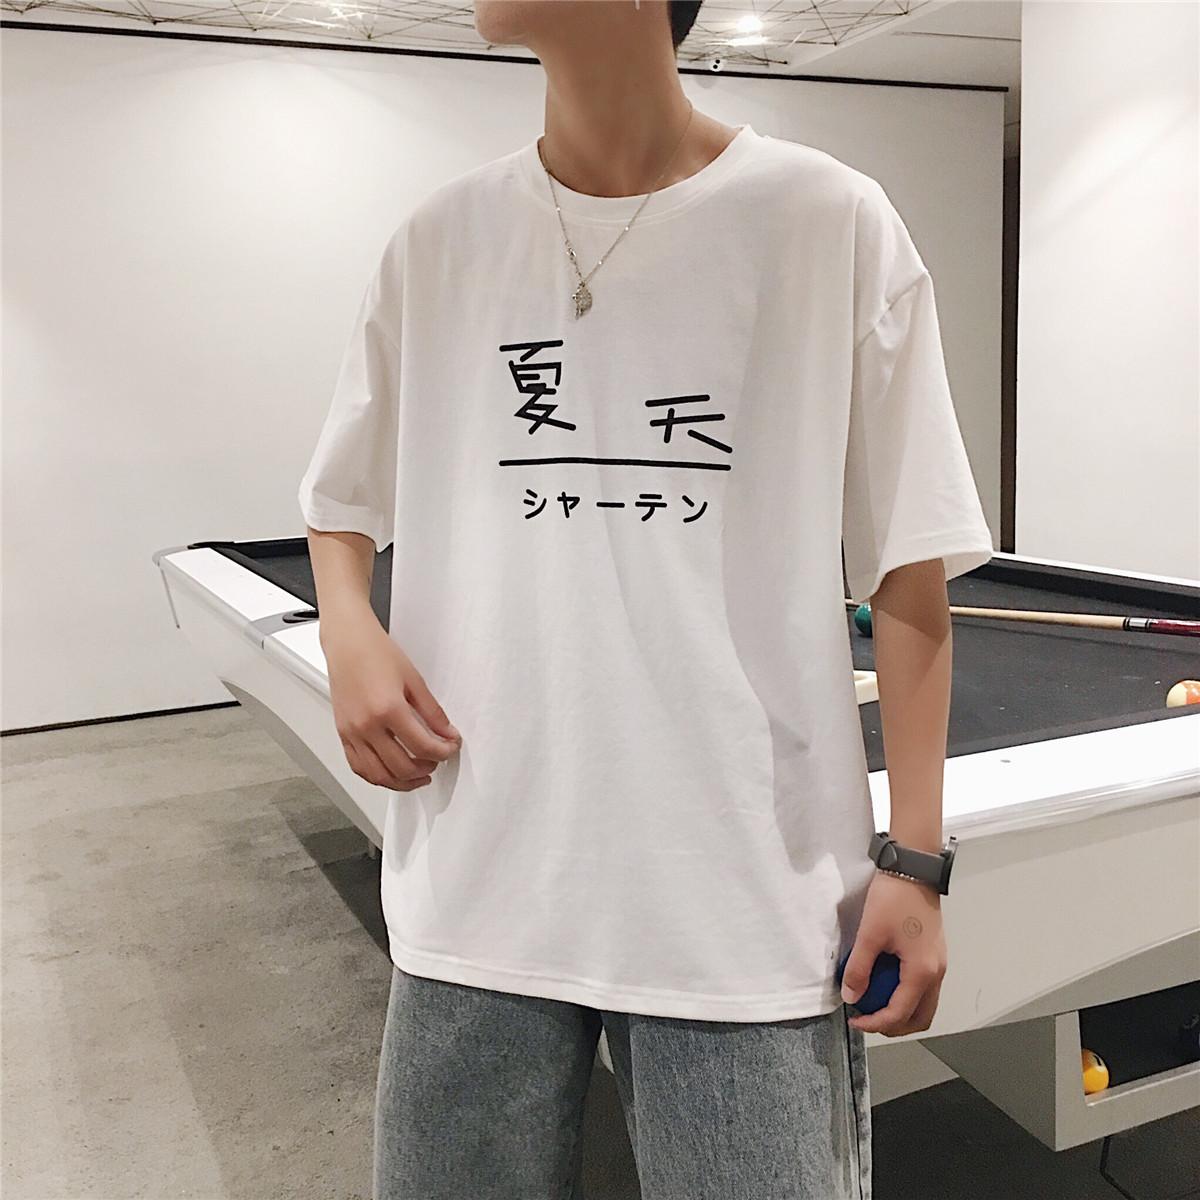 券后28.80元港风圆领学生帅气短袖夏季印花t恤